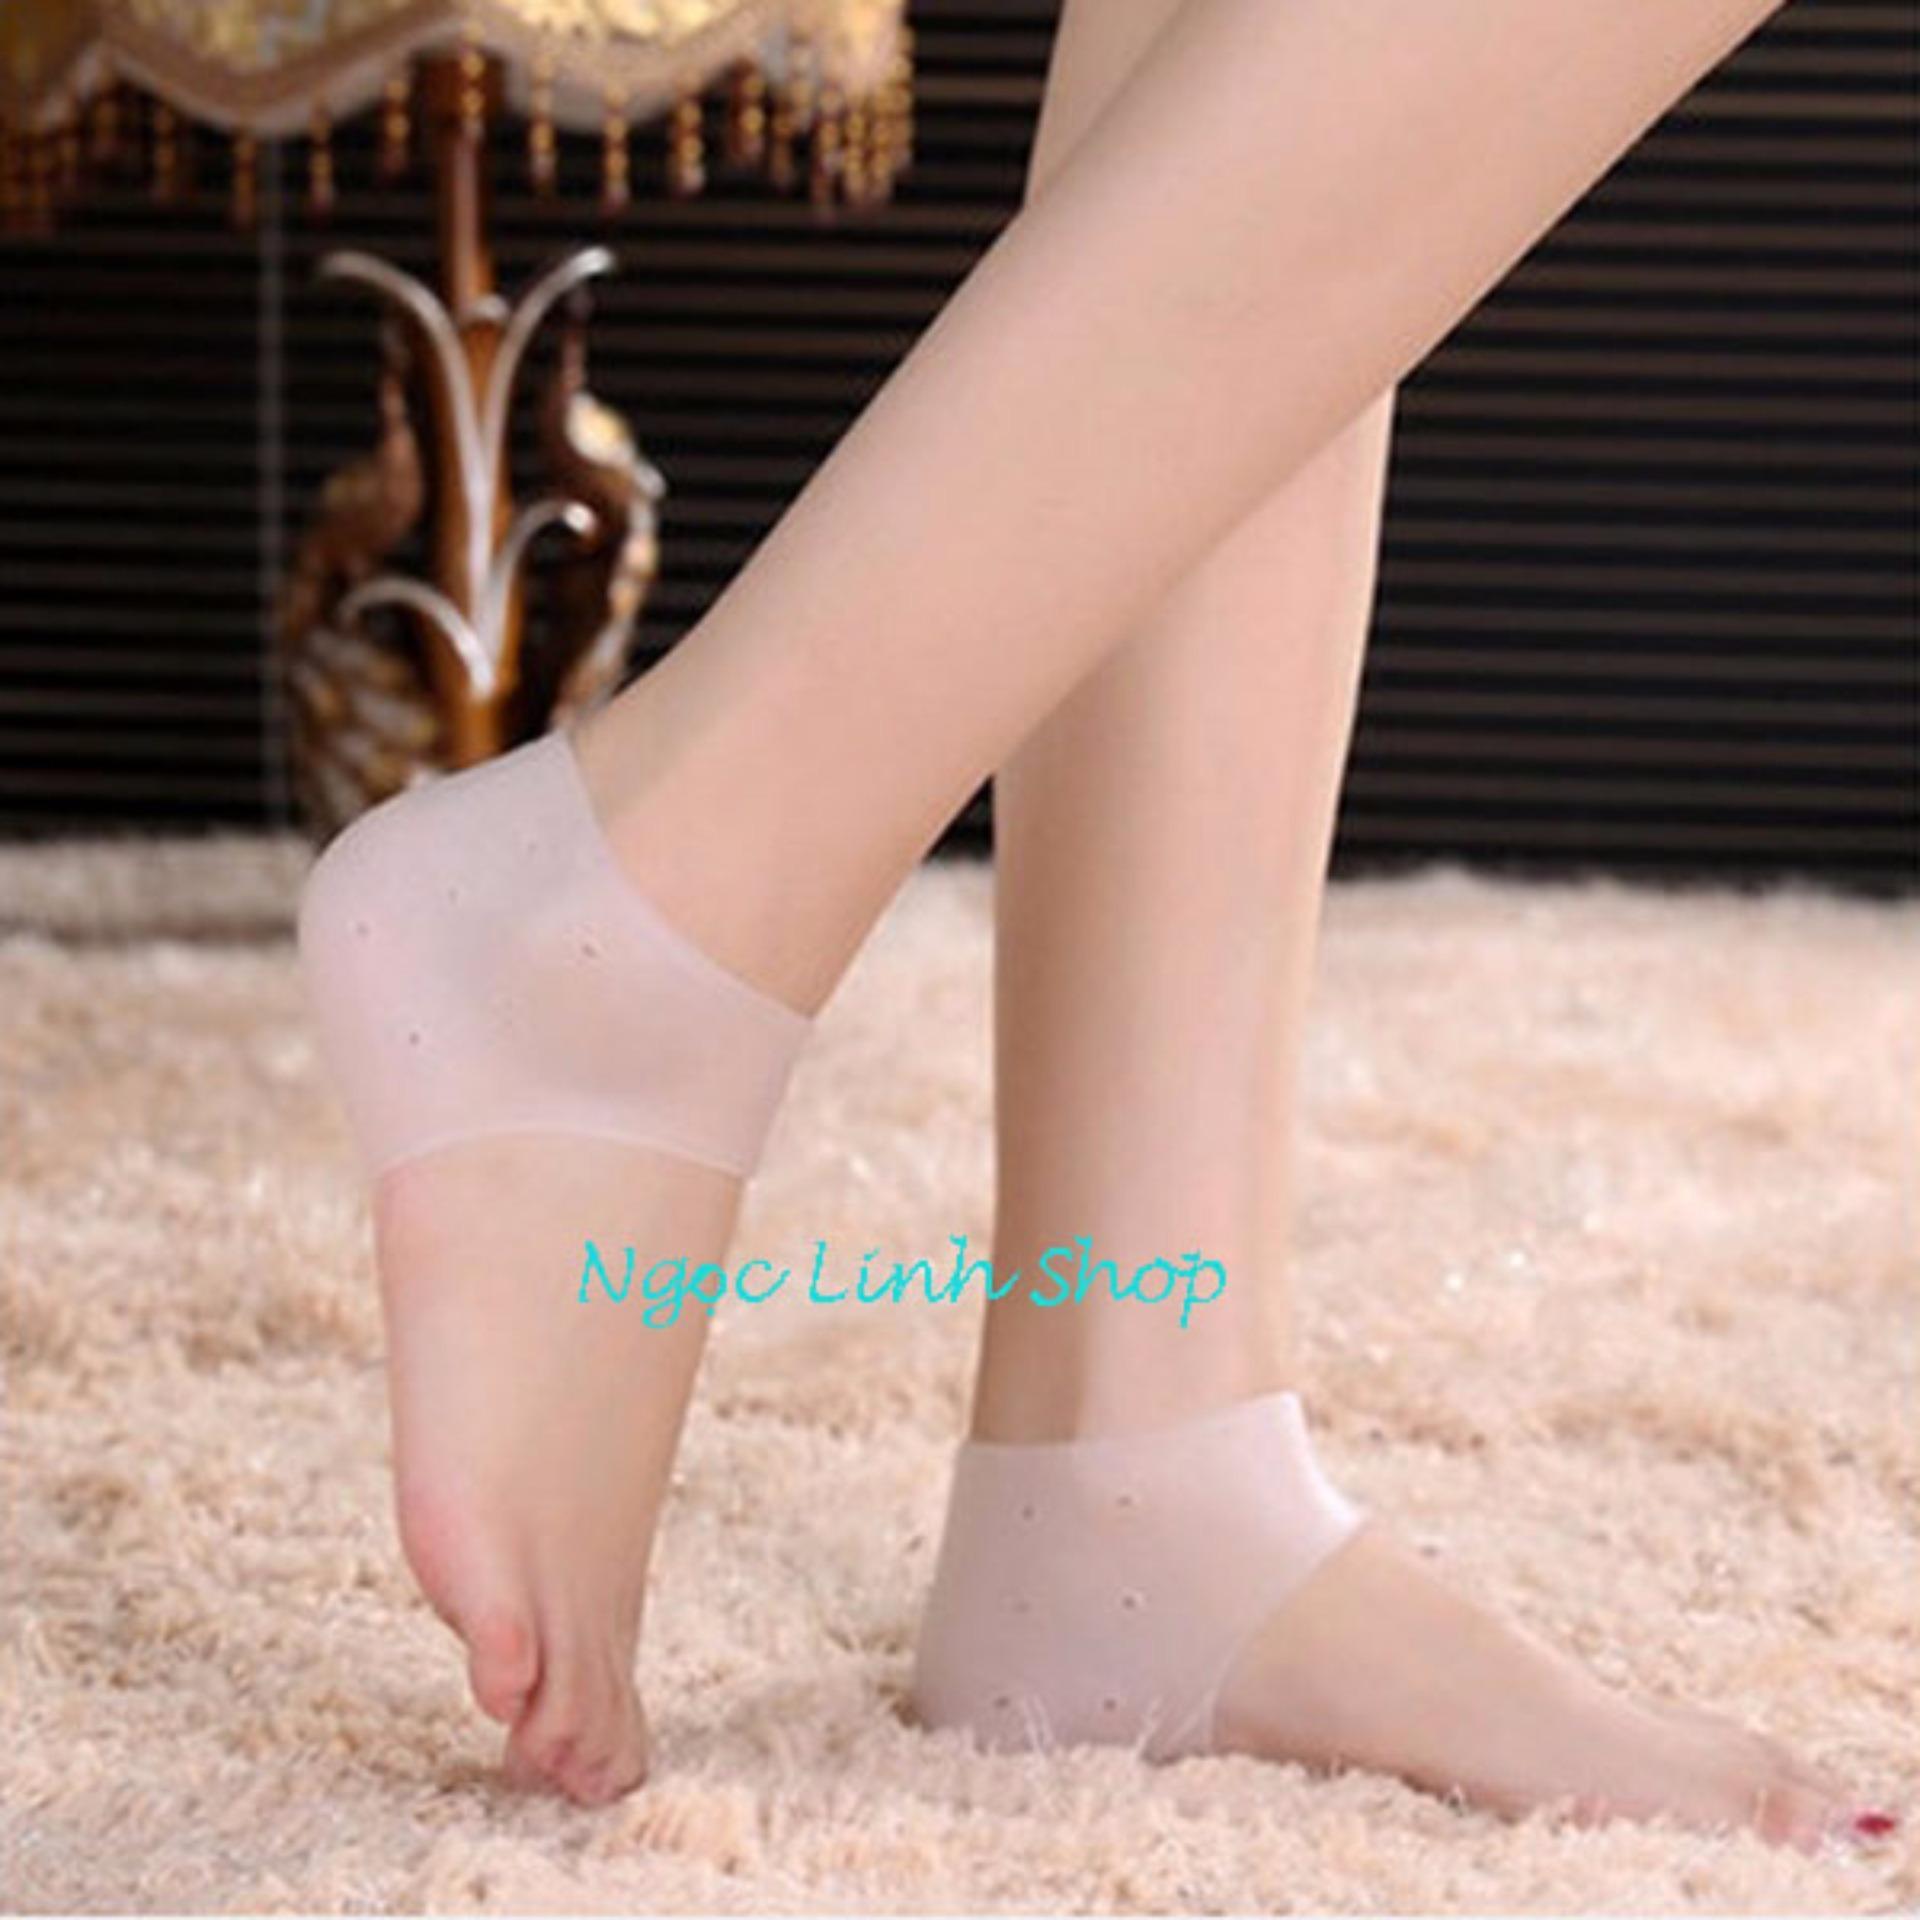 Cập Nhật Giá Tấm lót Silicon bảo vệ gót chân và cổ chân phiên bản 2017.